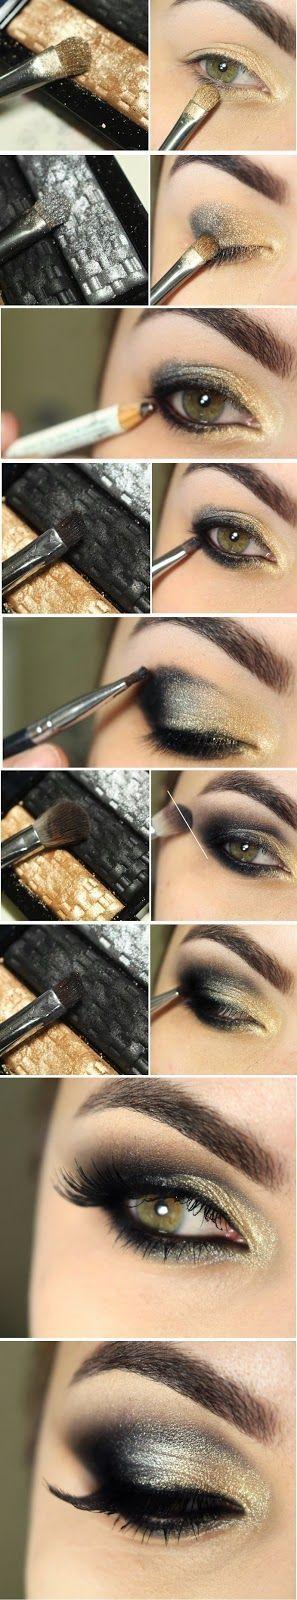 Maquillage de fête http://www.monsitebeaute.com/dossiers/beaute/maquillage-cd6/des-maquillages-de-fete-pleins-de-paillettes